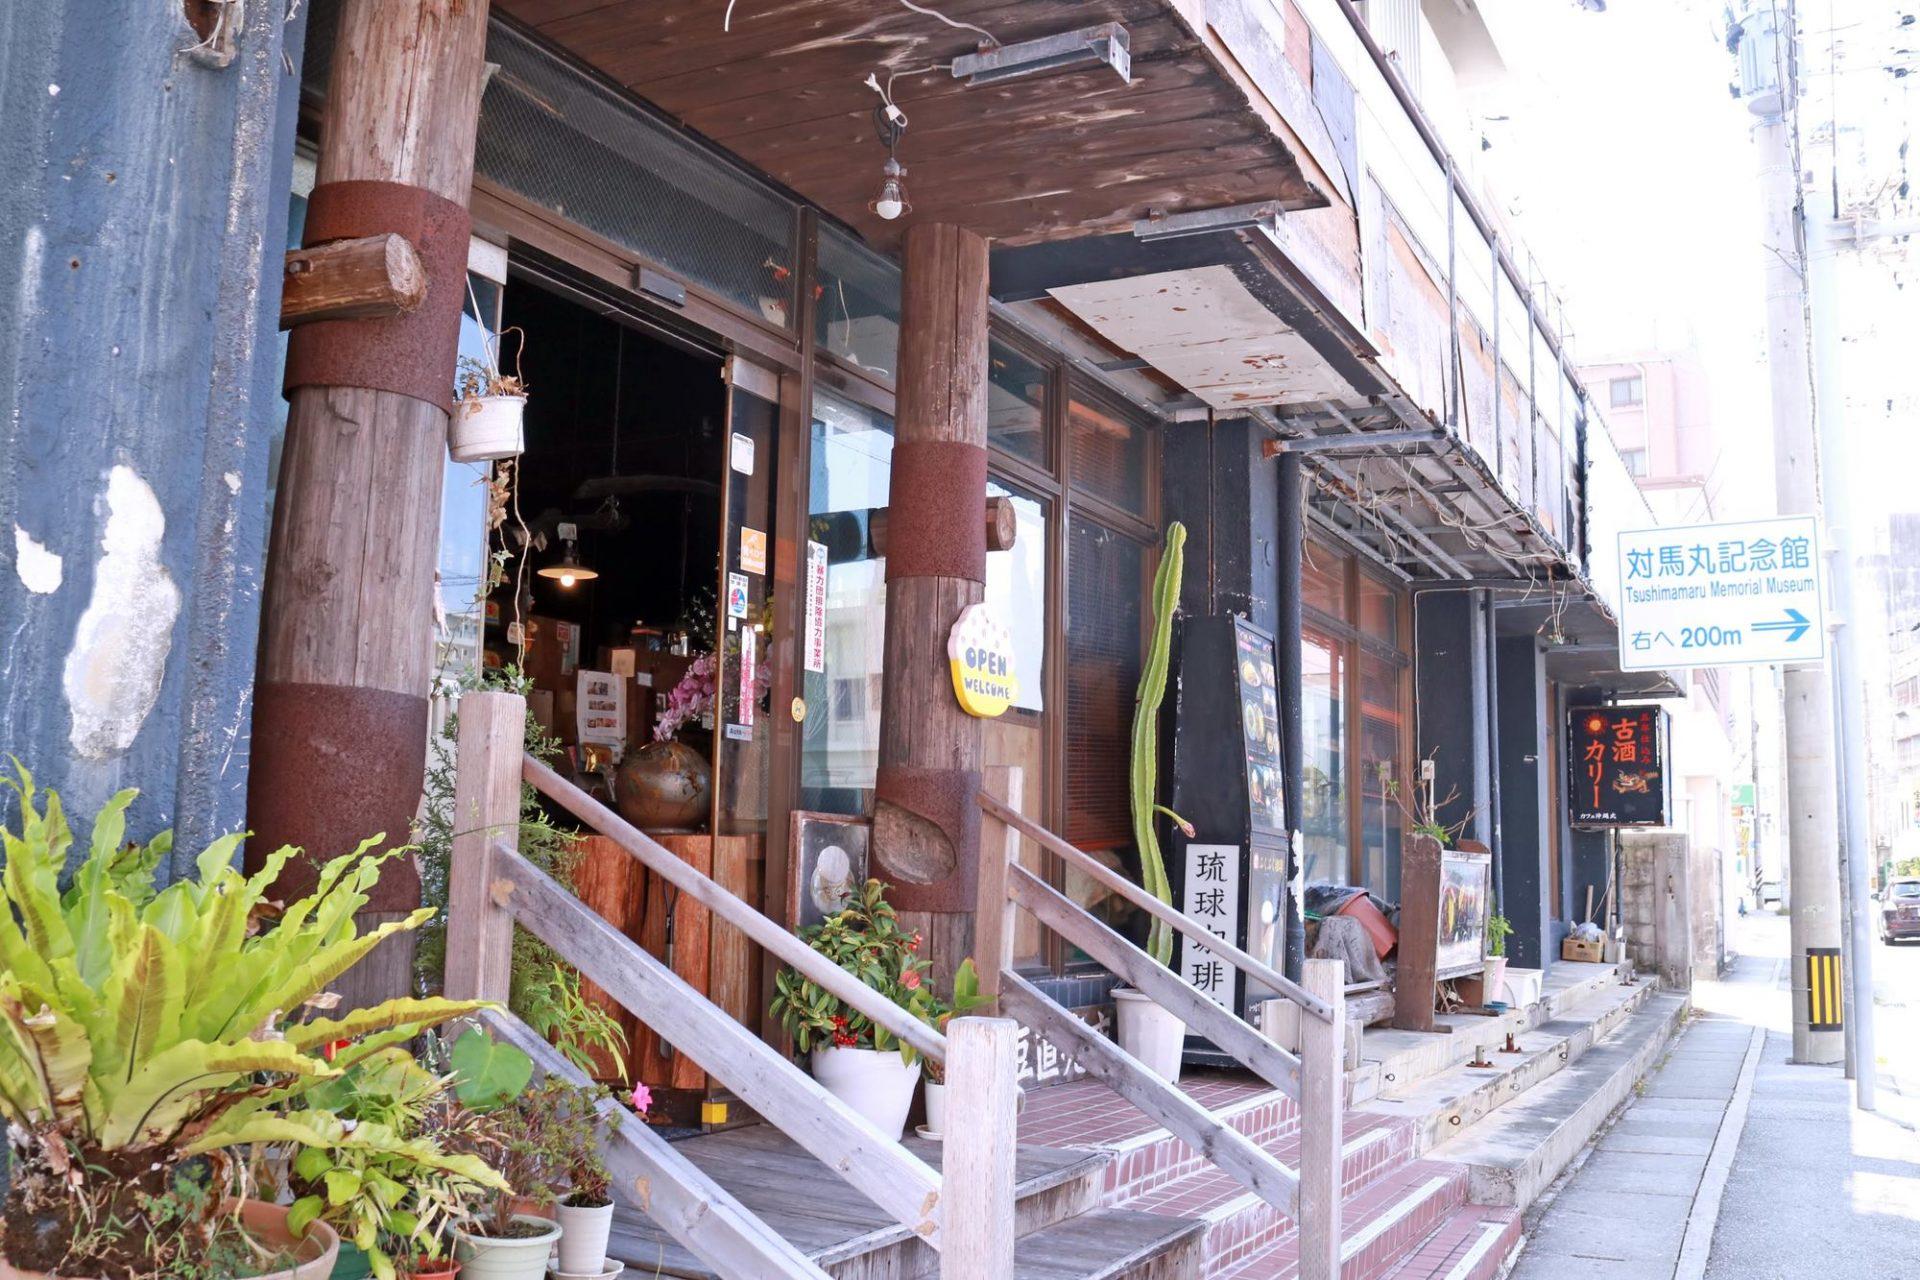 カフェ沖縄式 那覇市 旭橋 波の上ビーチ 散策 街歩き